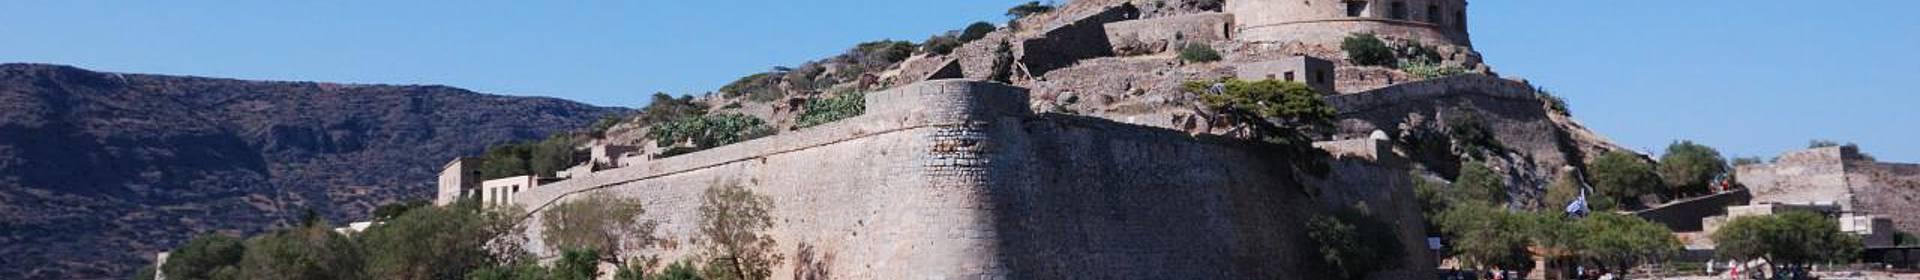 L'ile de Spinalonga